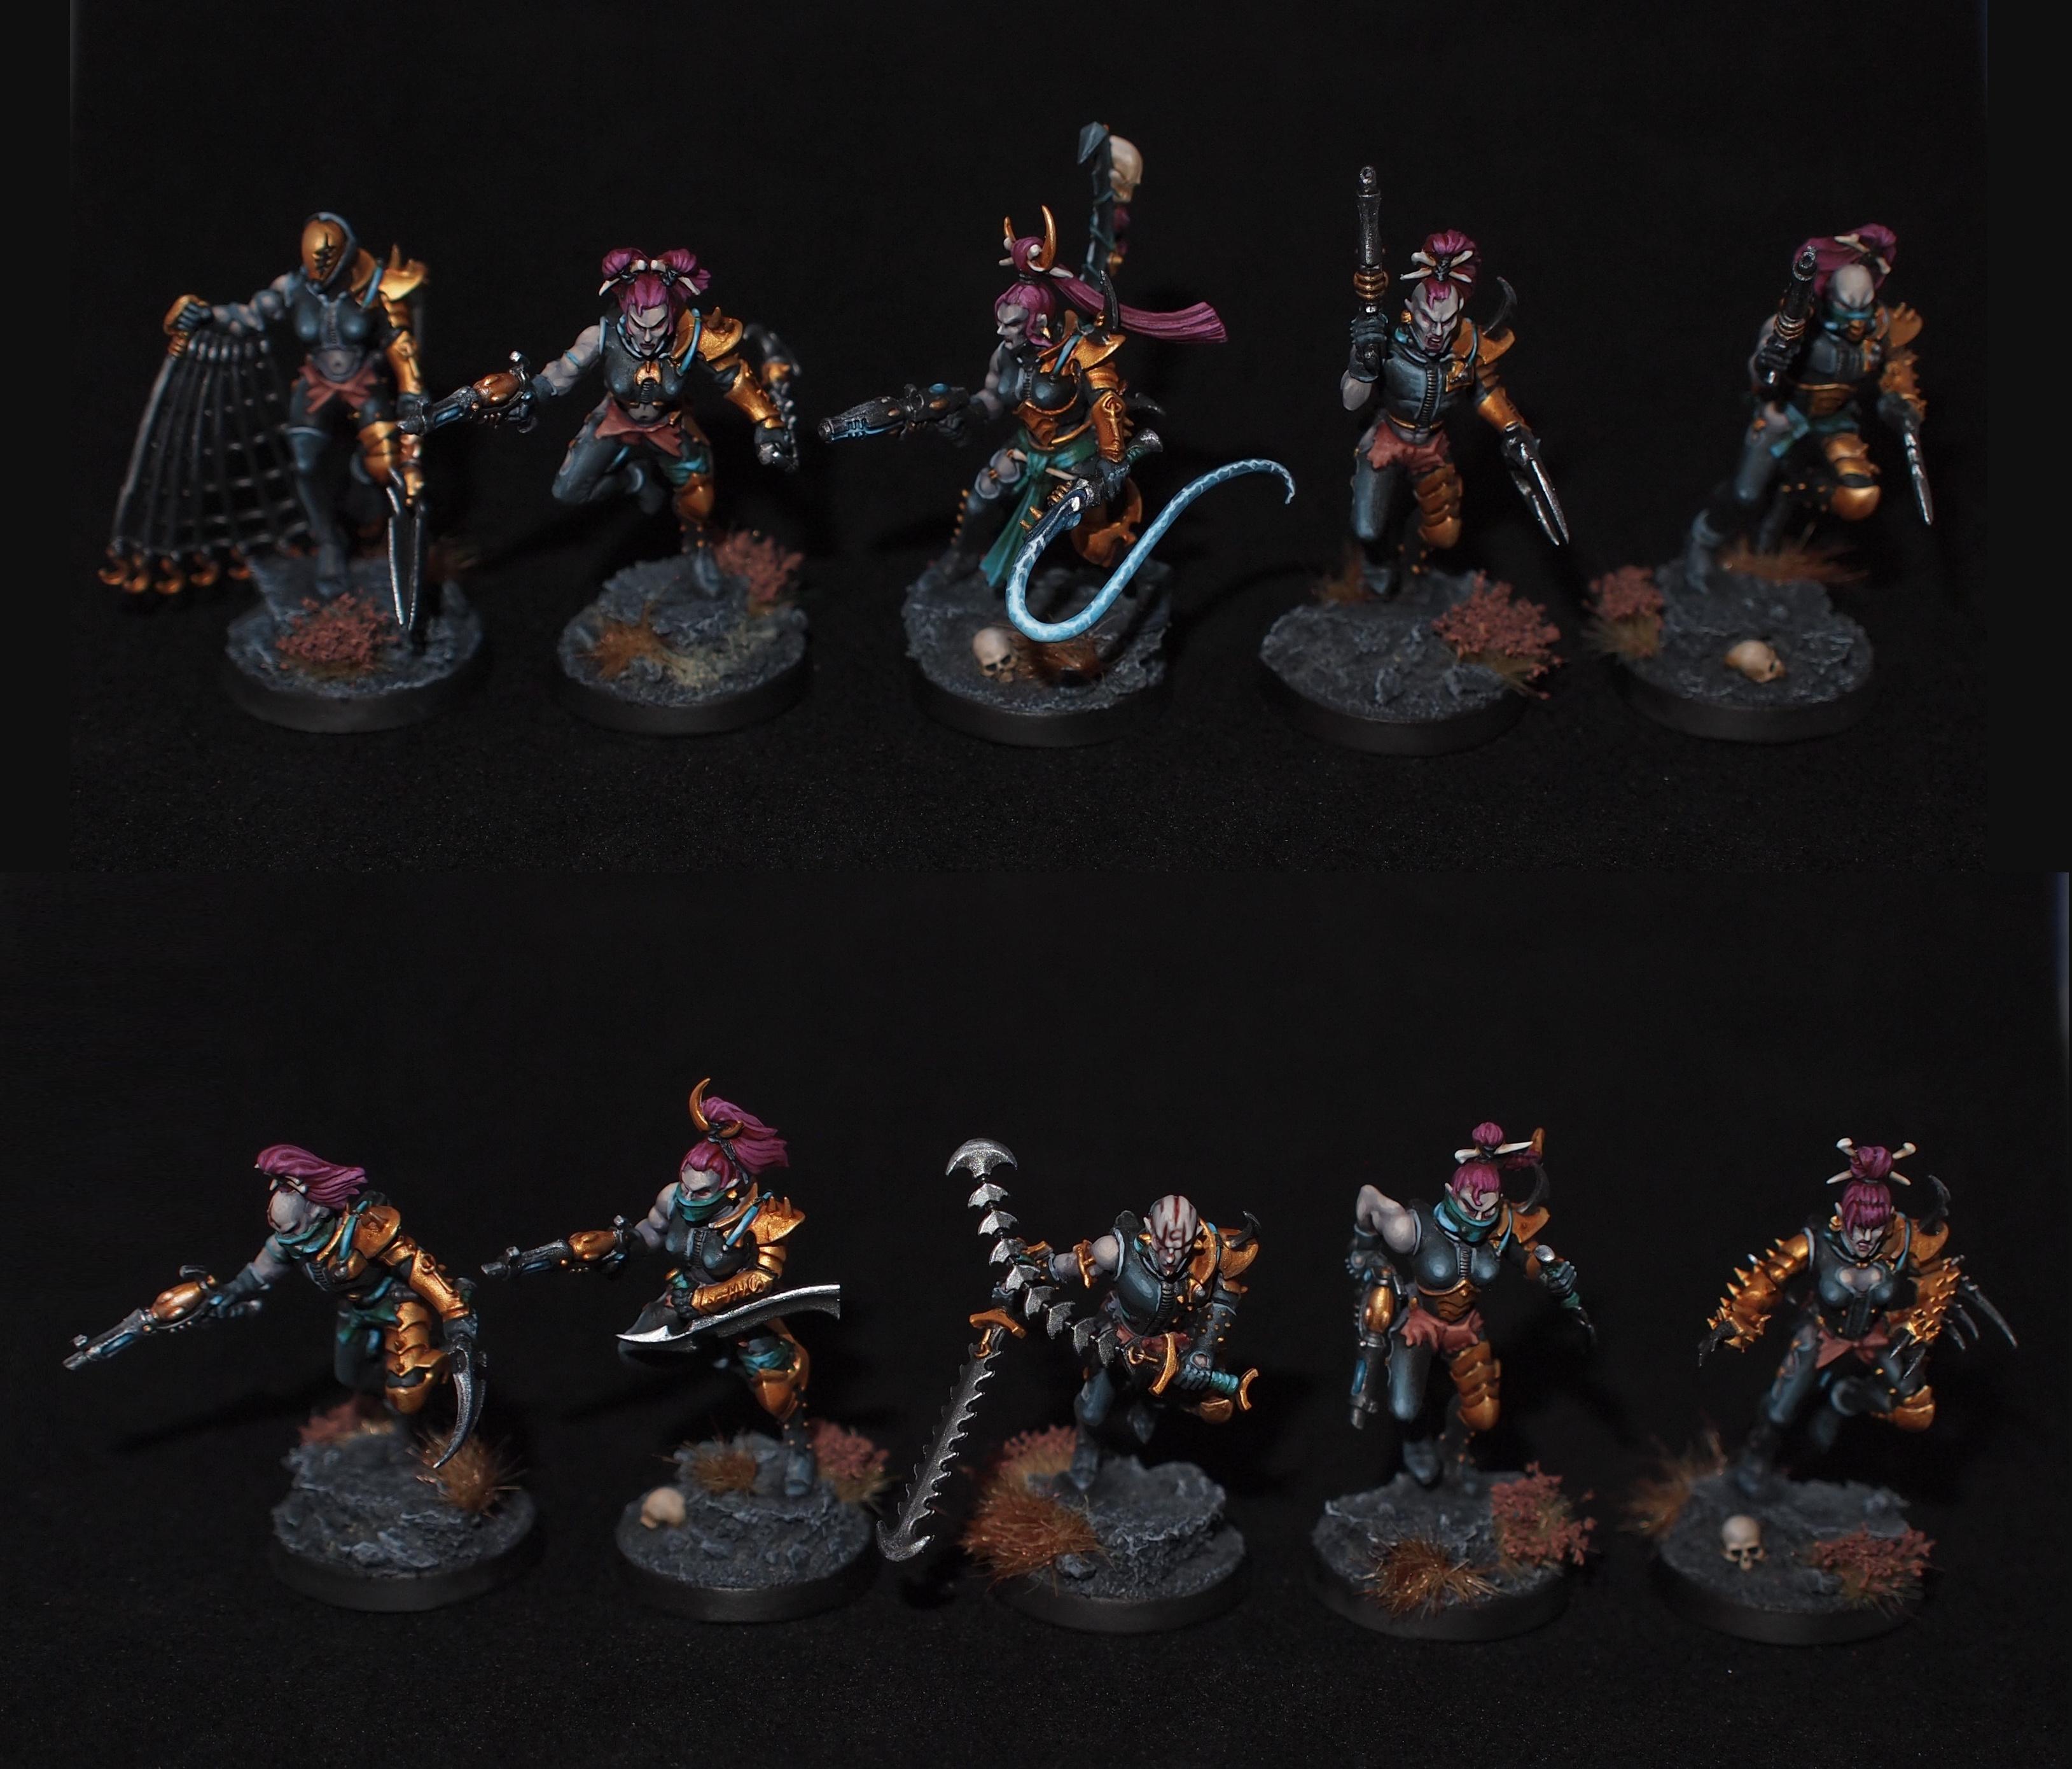 Dark Eldar Wyches Drukhari Wych Cults